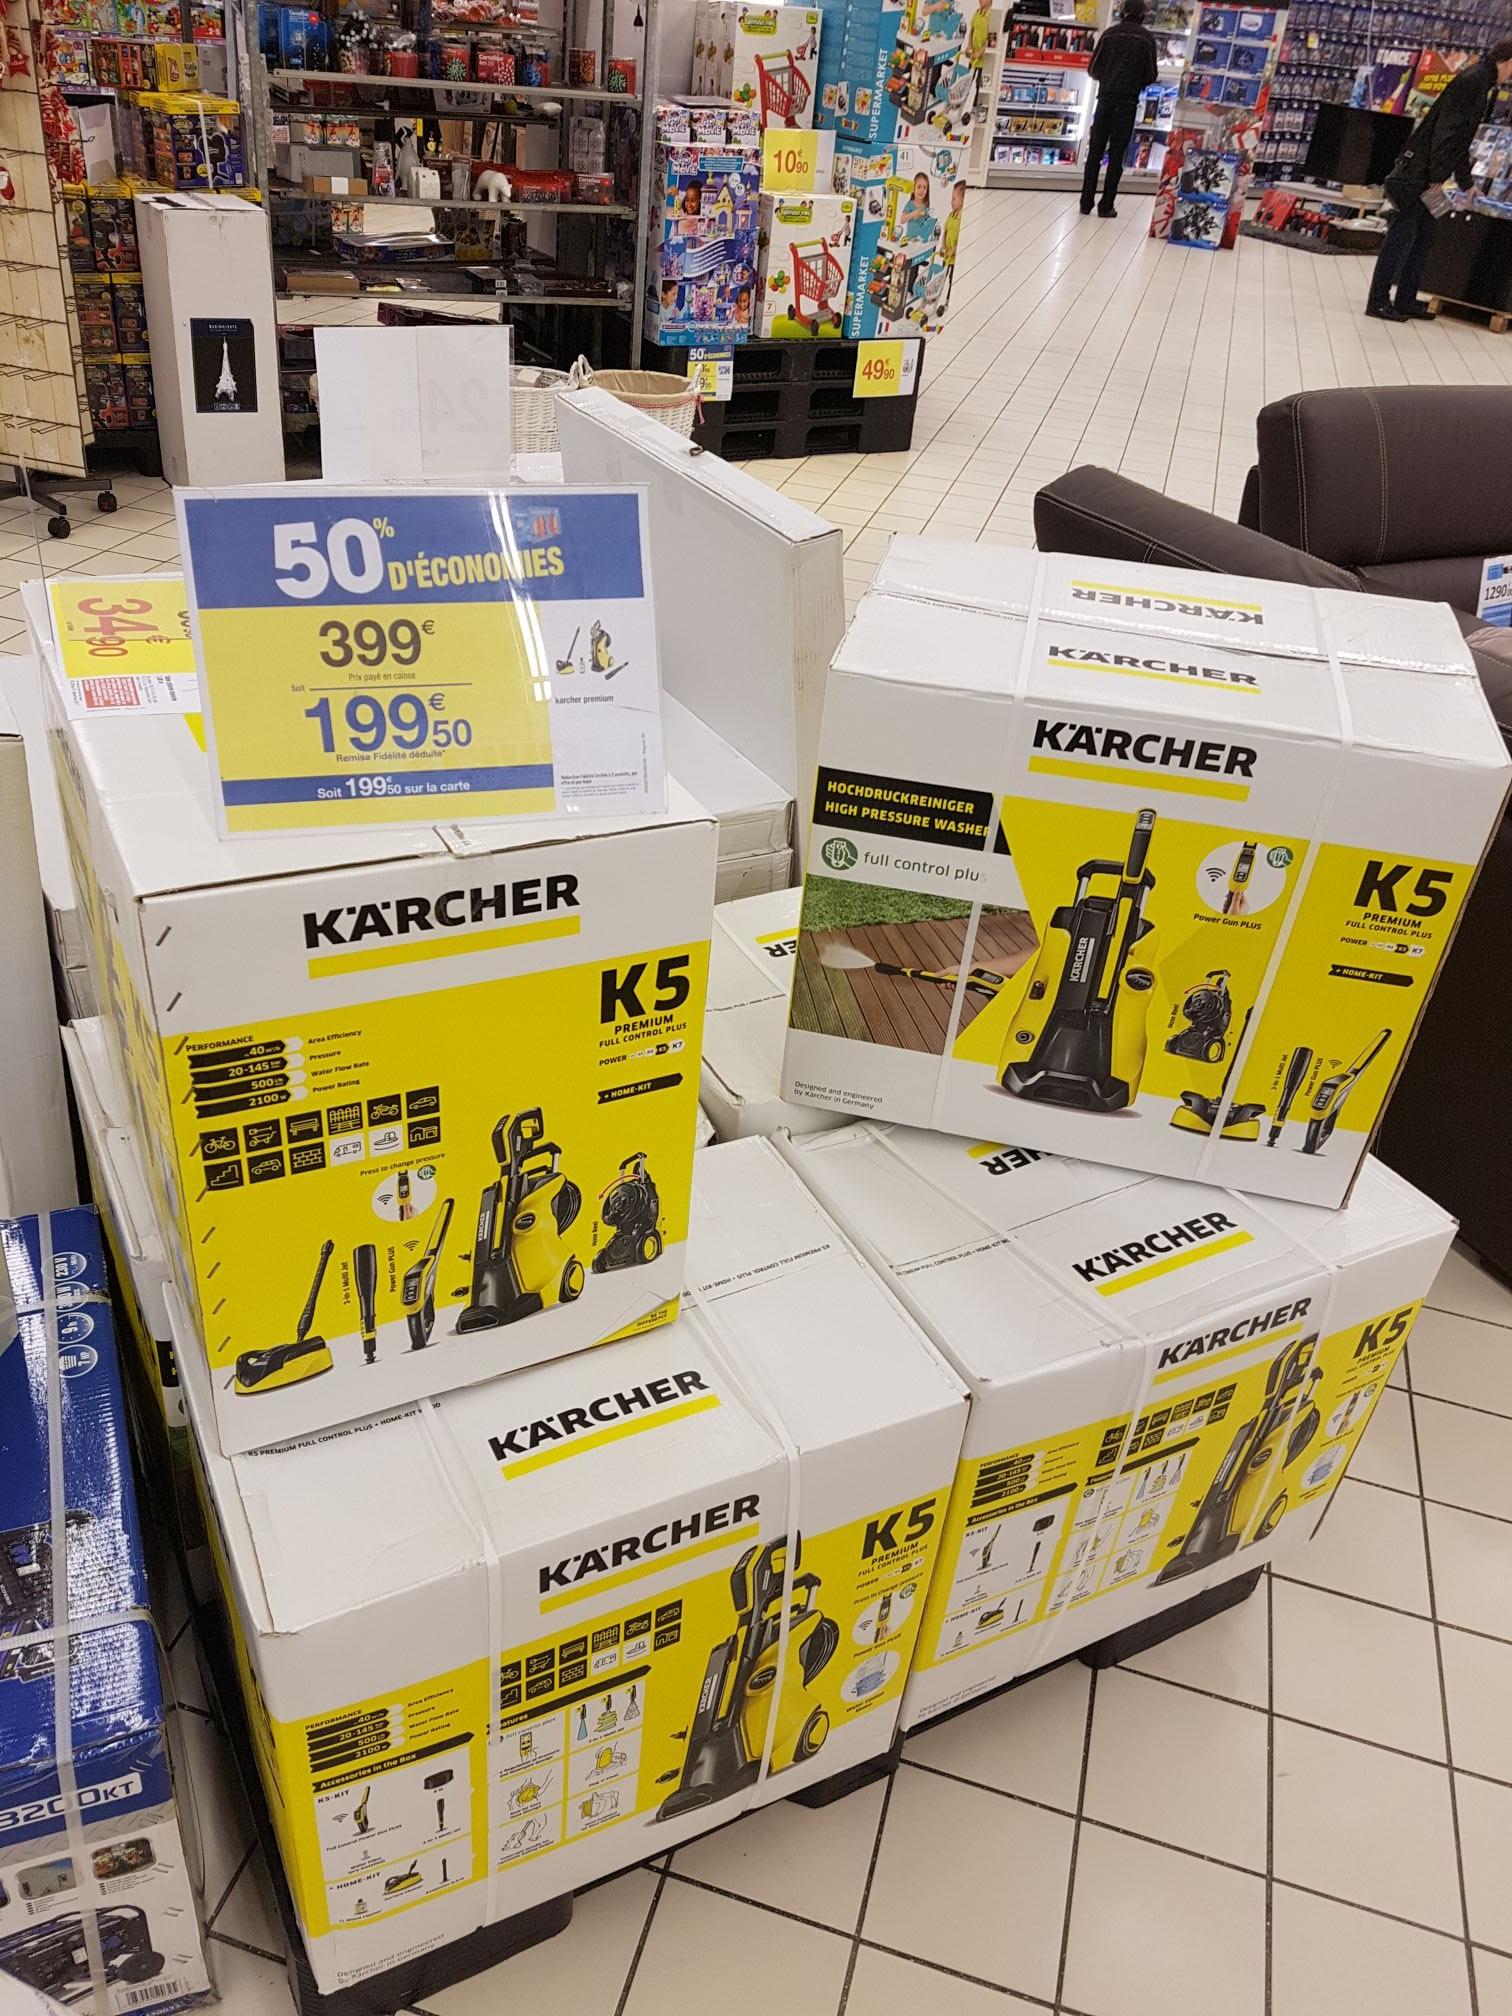 Karcher K5 (via 199,50€ fidélité) - Carré Sénart (77)